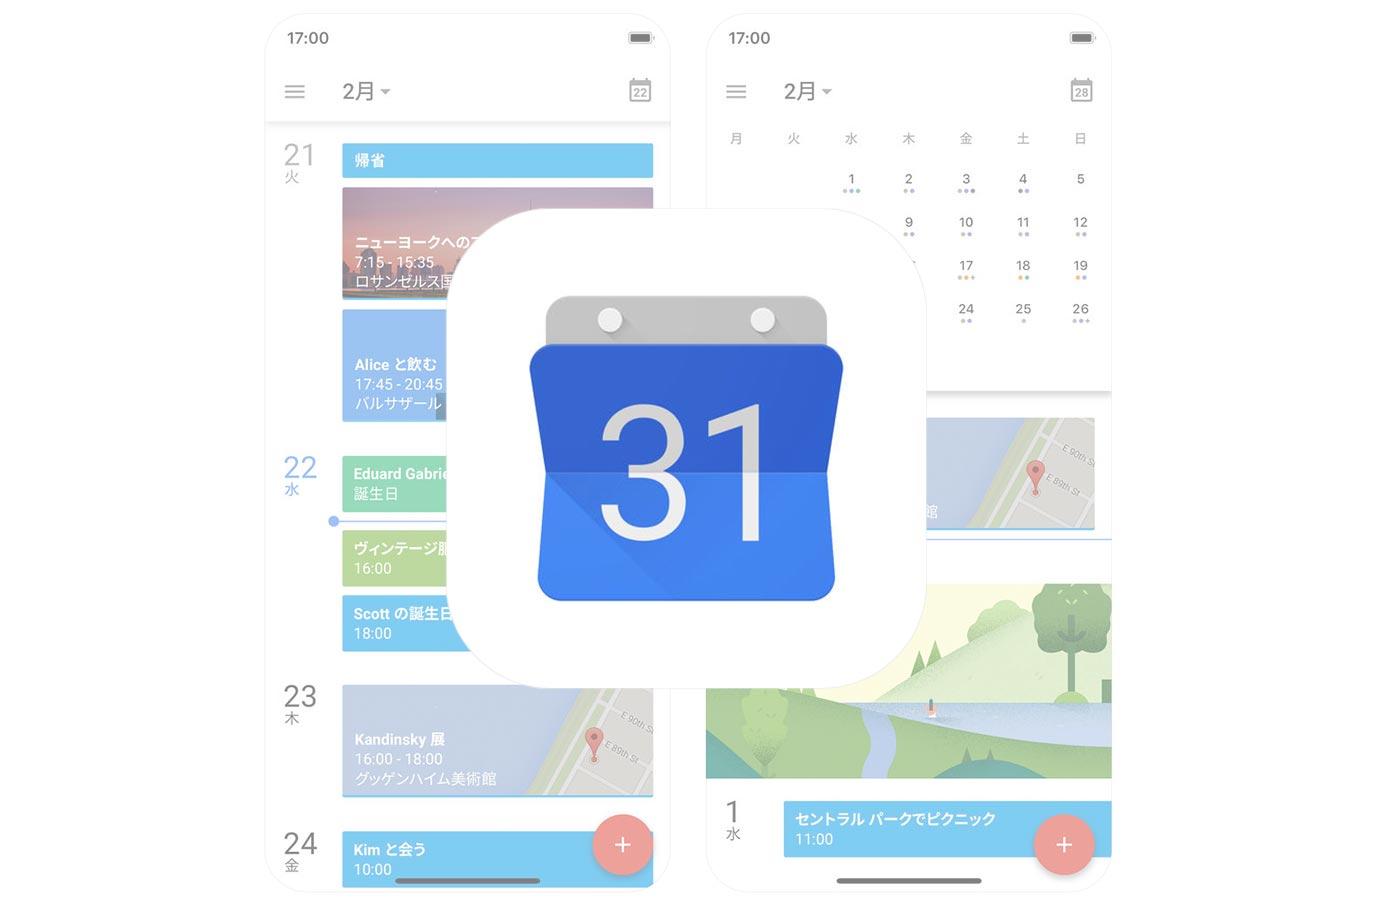 iOSアプリ「Googleカレンダー」がアップデート、同時に3個以上の有効なアカウントを利用可能に